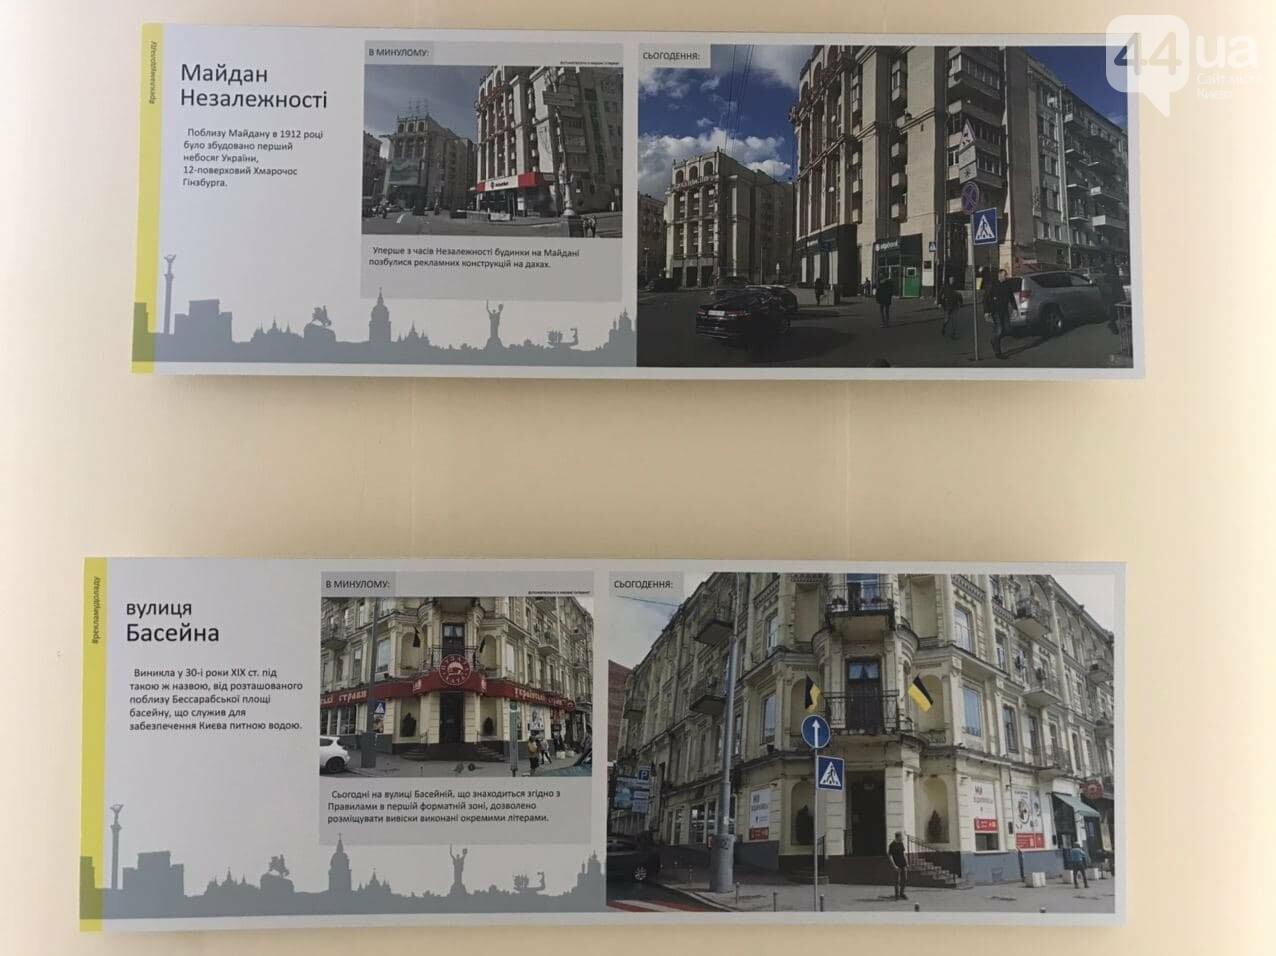 Киев в билбордах и вывесках: почему столица утопает в хаотичной рекламе и как этому помешать, фото-2